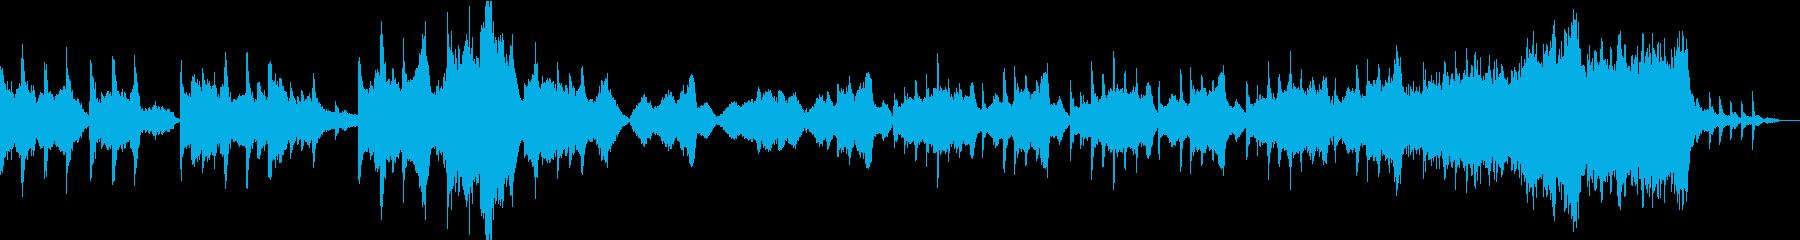 チェロの奏でるドラマチックな曲調の再生済みの波形